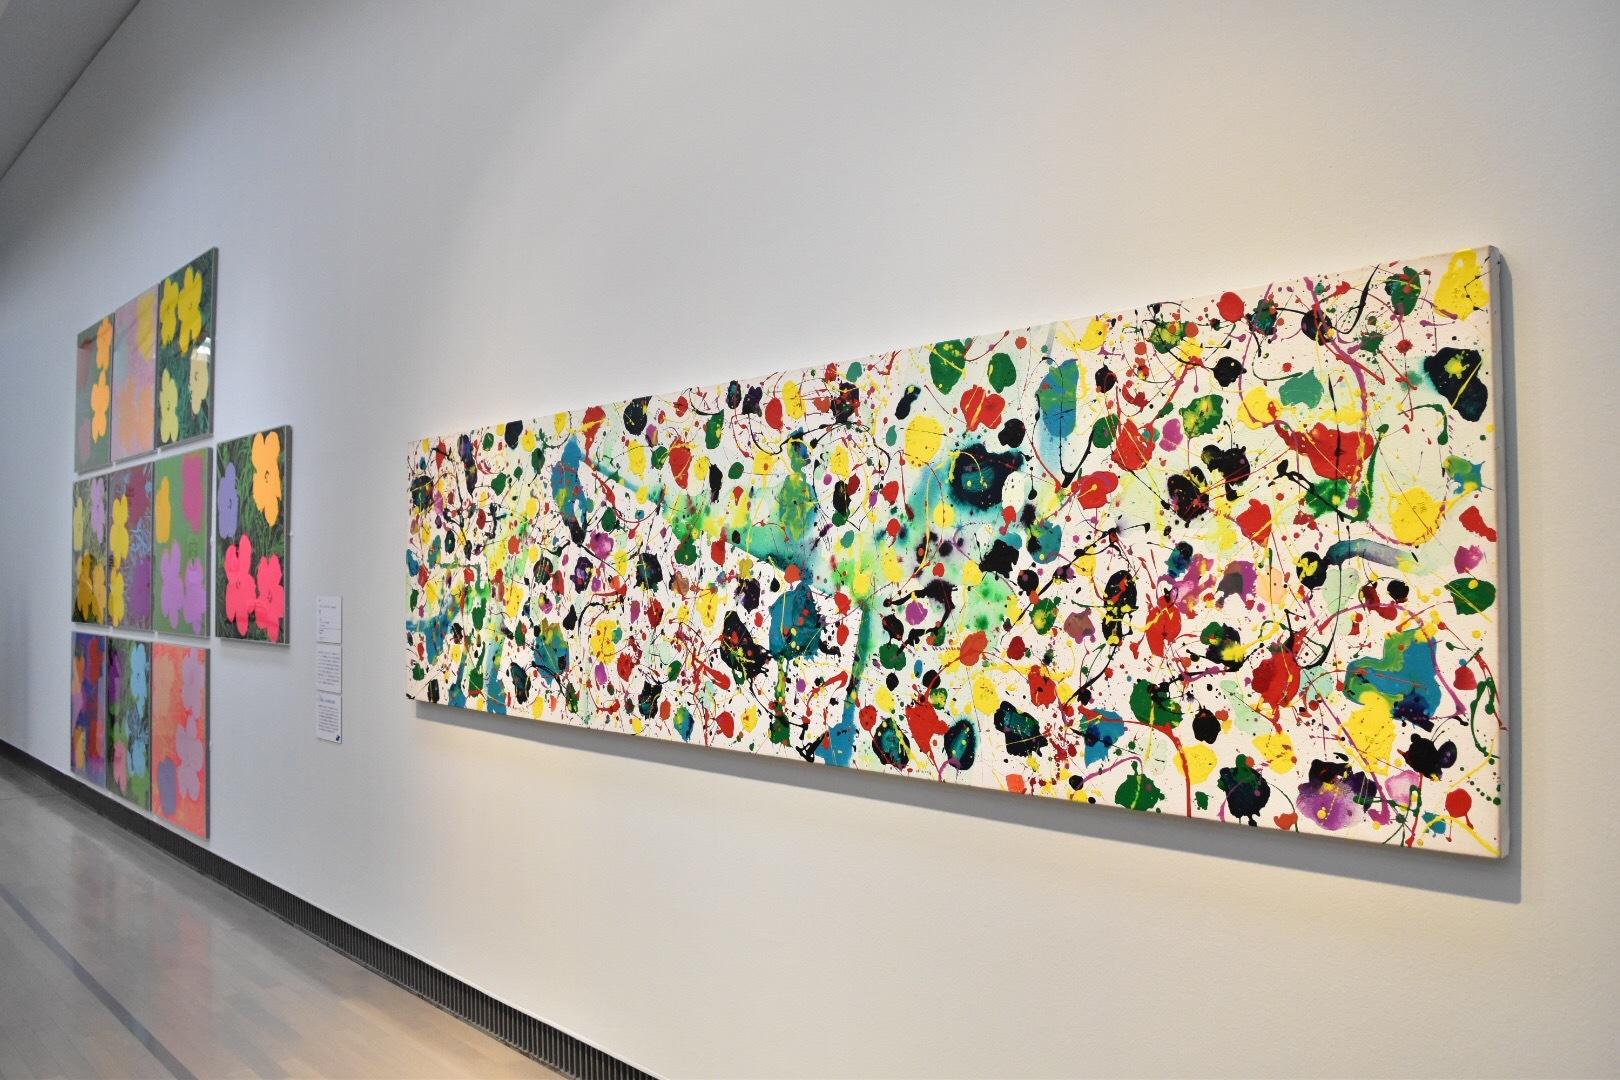 右:サム・フランシス 《Simplicity(SEP80-68)》1980年 セゾン現代美術館 左奥:アンディ・ウォーホル 《花》1970年 富士ゼロックス株式会社